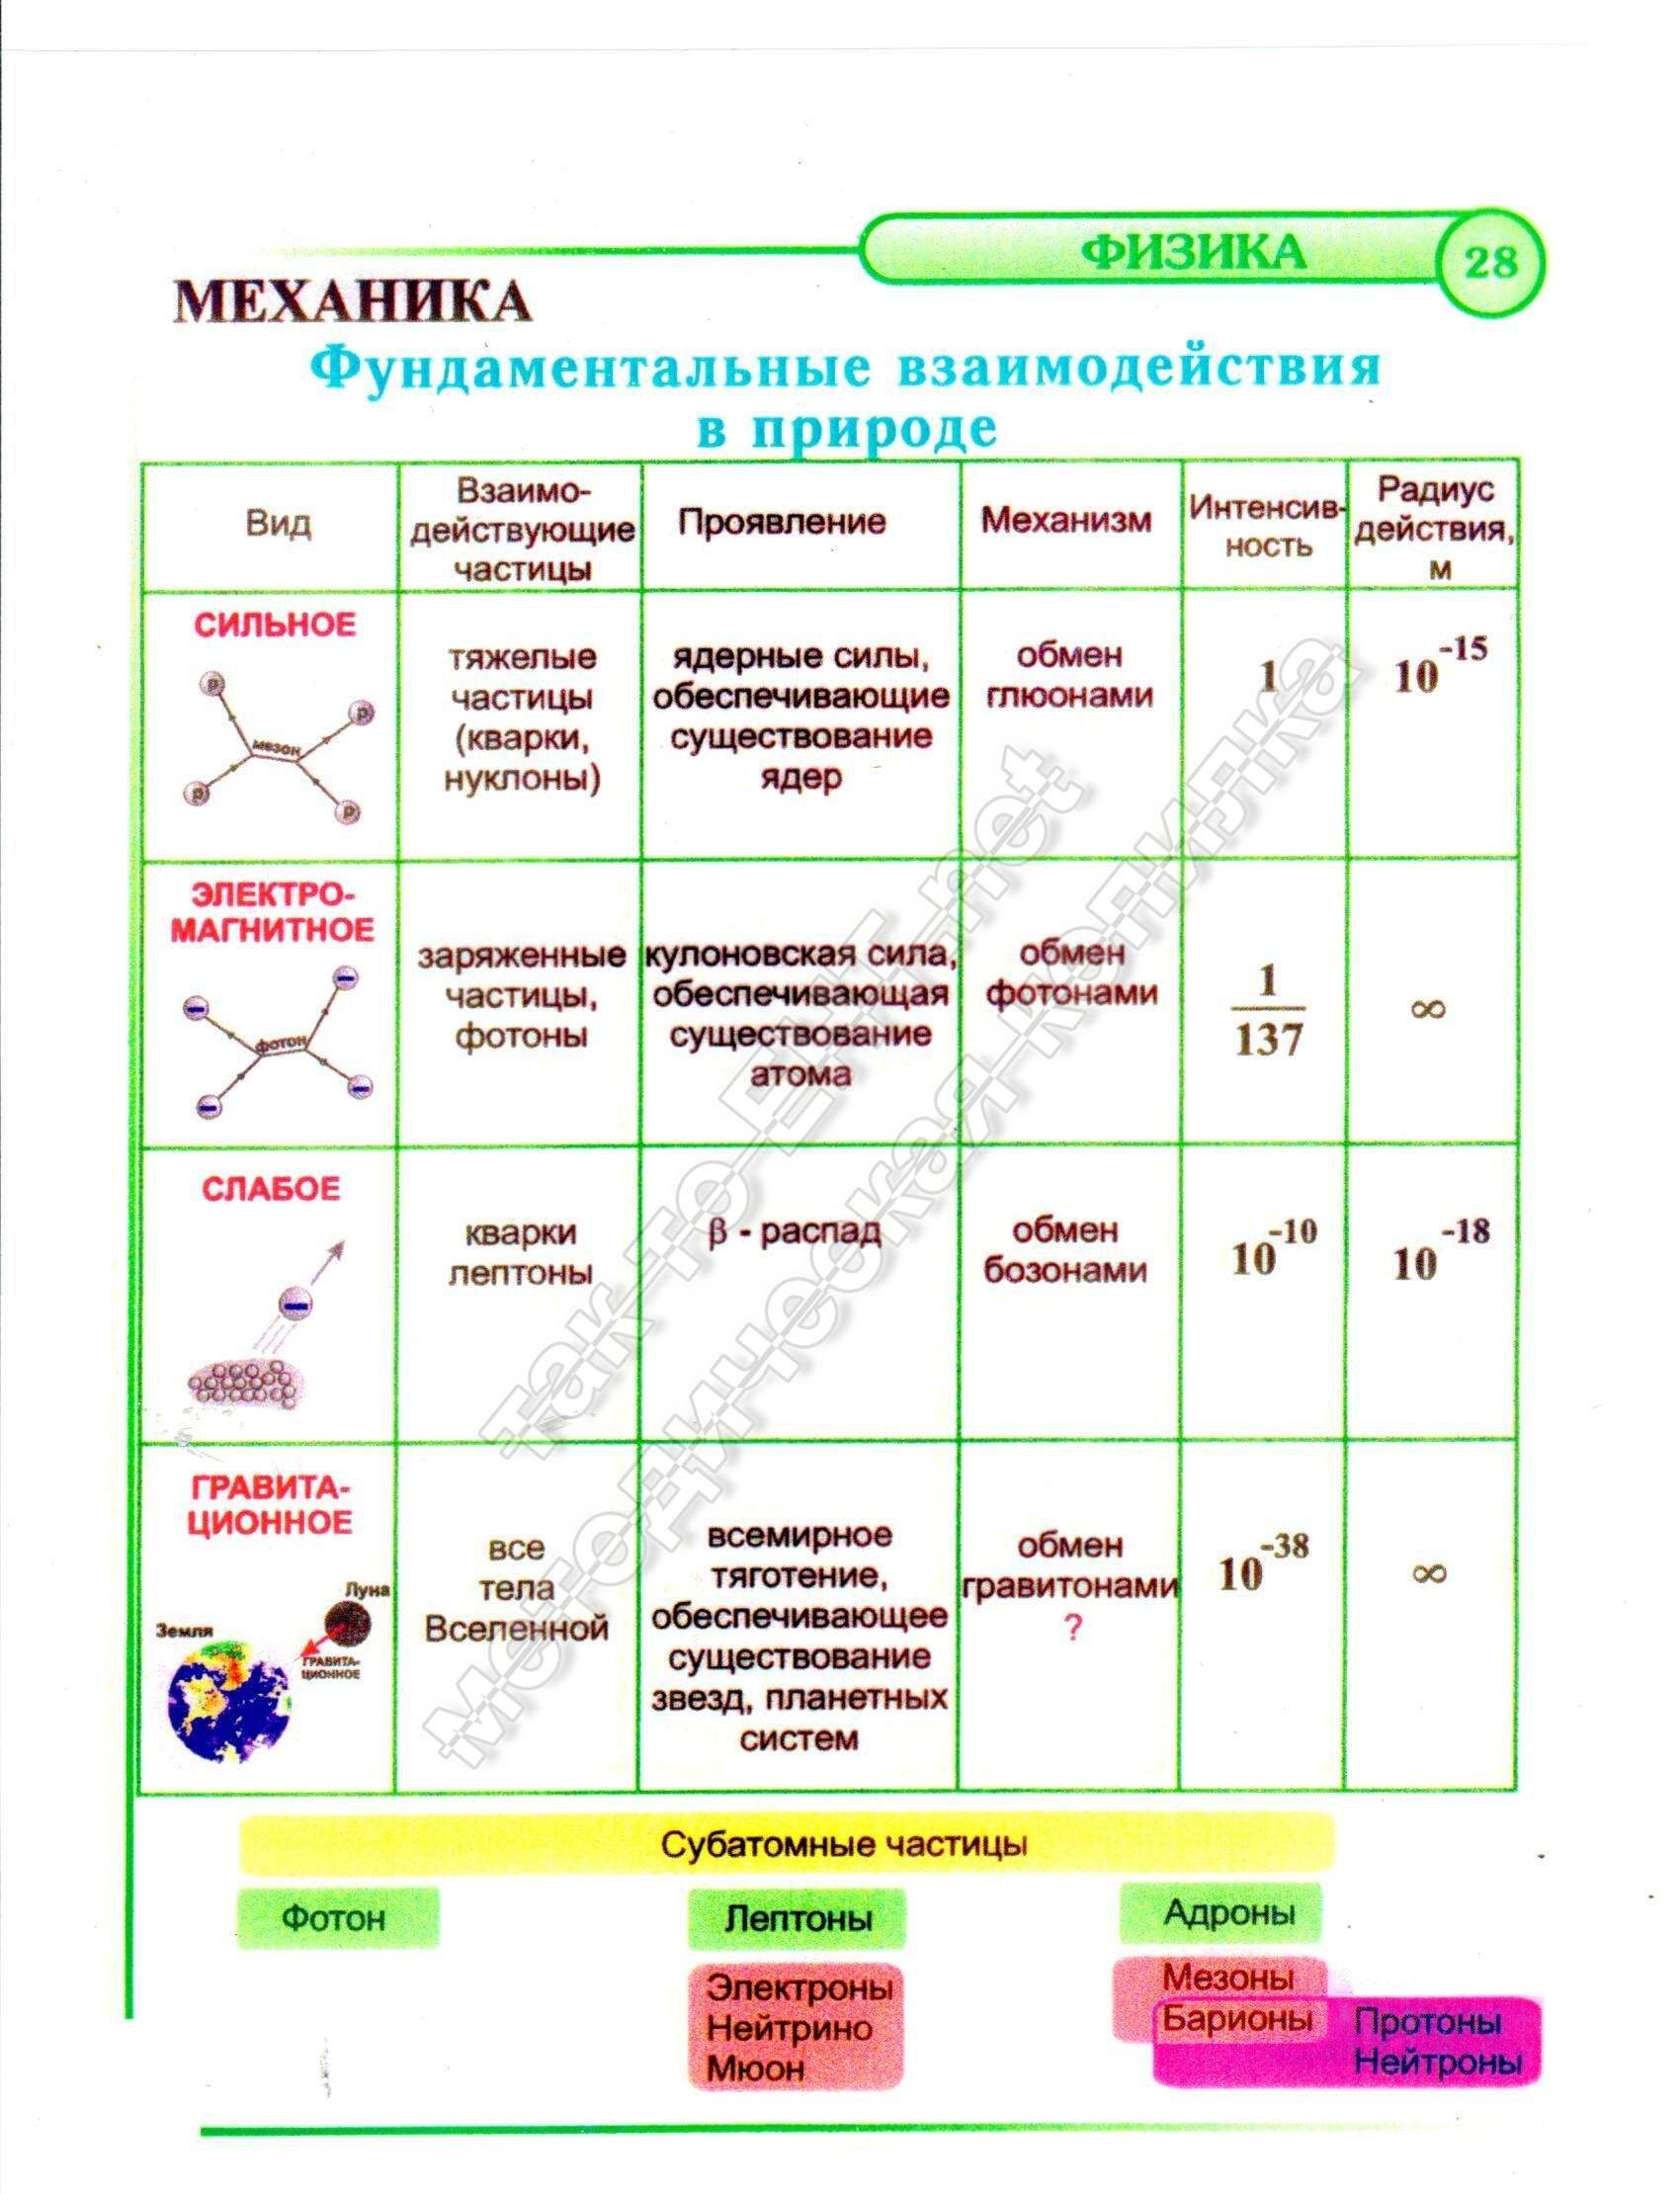 Фундаментальные взаимодействия в природе (механика)